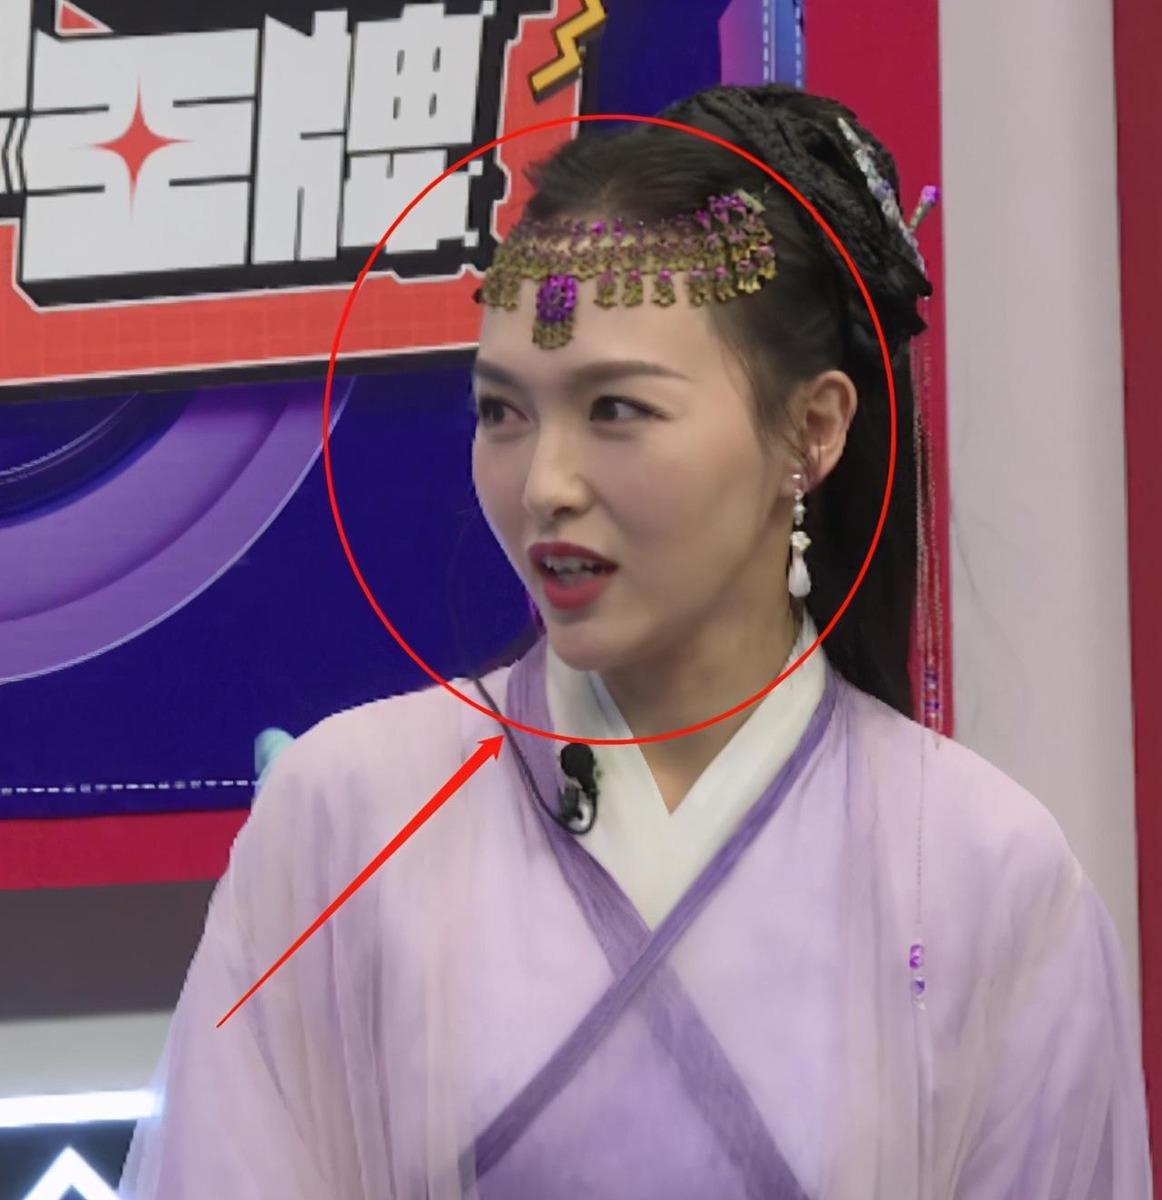 唐嫣直播再现紫萱造型,离开十级精修待遇后,确定有37岁吗?